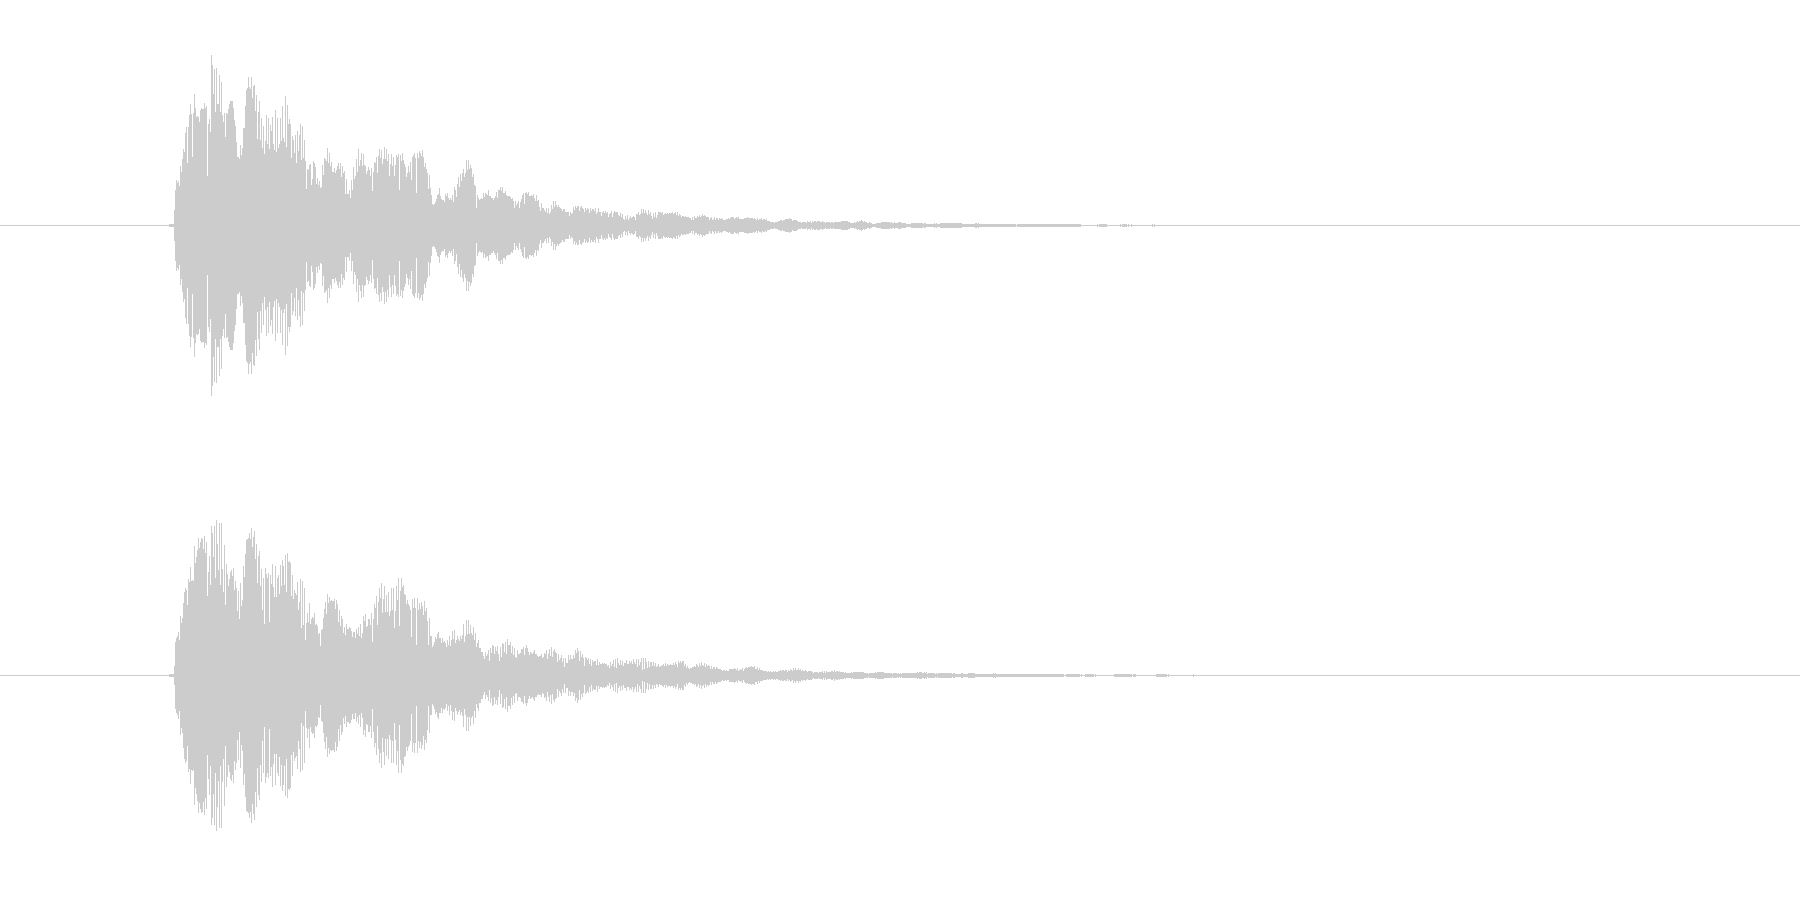 ビョワーン!アナログシンセなジングルの未再生の波形